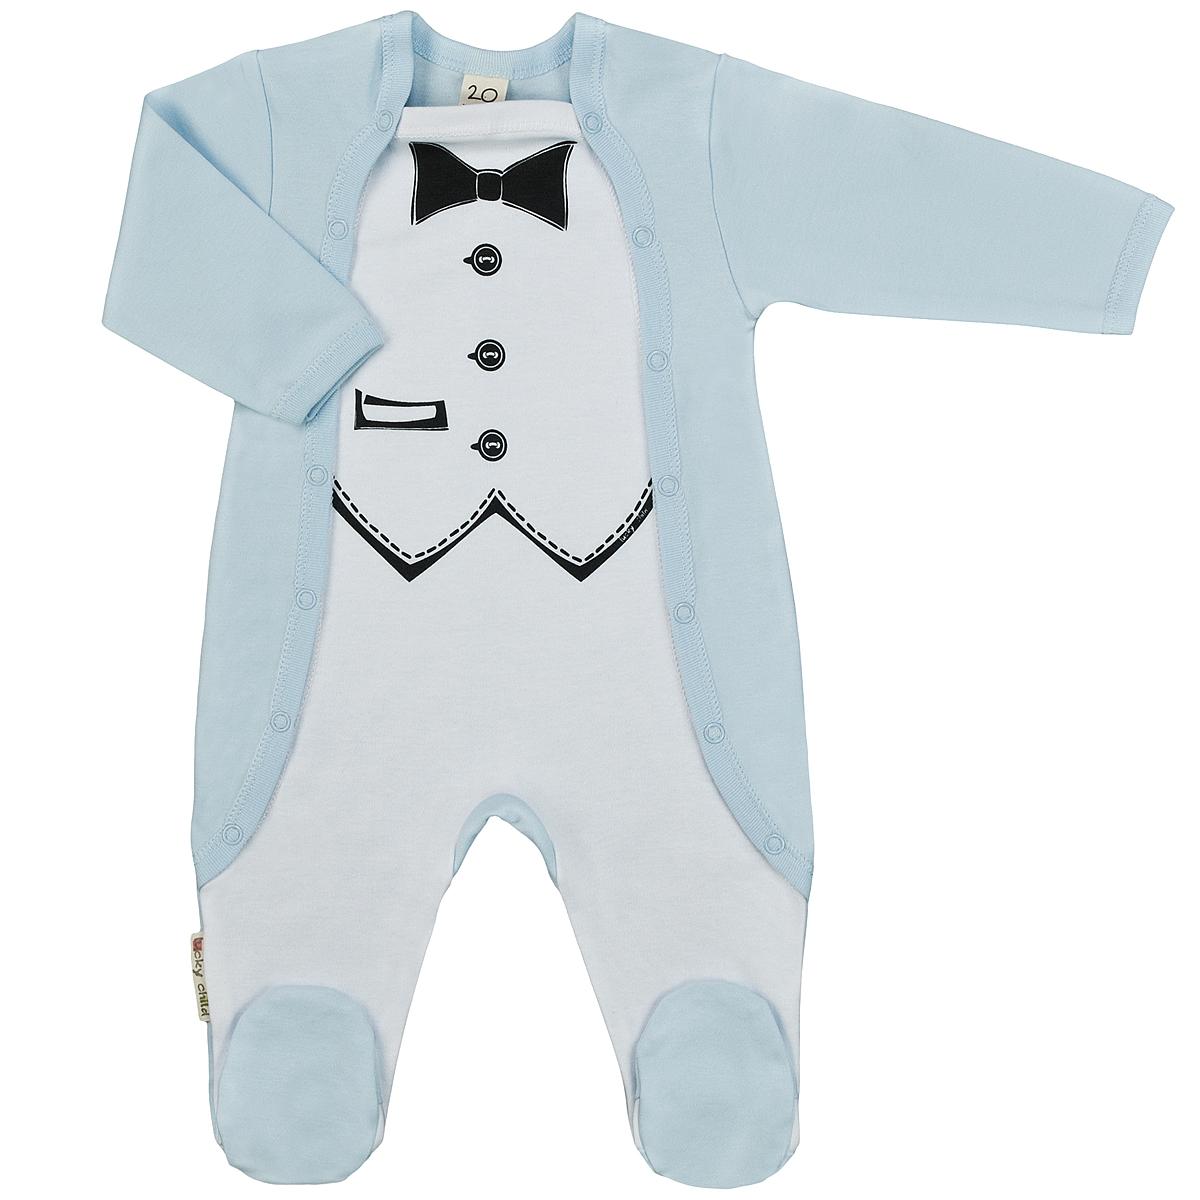 3-22Детский комбинезон для мальчика Lucky Child - очень удобный и практичный вид одежды для малышей. Комбинезон выполнен из интерлока - натурального хлопка, благодаря чему он необычайно мягкий и приятный на ощупь, не раздражают нежную кожу ребенка и хорошо вентилируются, а эластичные швы приятны телу малыша и не препятствуют его движениям. Комбинезон с длинными рукавами и закрытыми ножками имеет застежки-кнопки по бокам от горловины до щиколоток, которые помогают легко переодеть младенца или сменить подгузник. Спереди он оформлен оригинальным принтом, имитирующим фрак с бабочкой. С детским комбинезоном Lucky Child спинка и ножки вашего малыша всегда будут в тепле, он идеален для использования днем и незаменим ночью. Комбинезон полностью соответствует особенностям жизни младенца в ранний период, не стесняя и не ограничивая его в движениях!